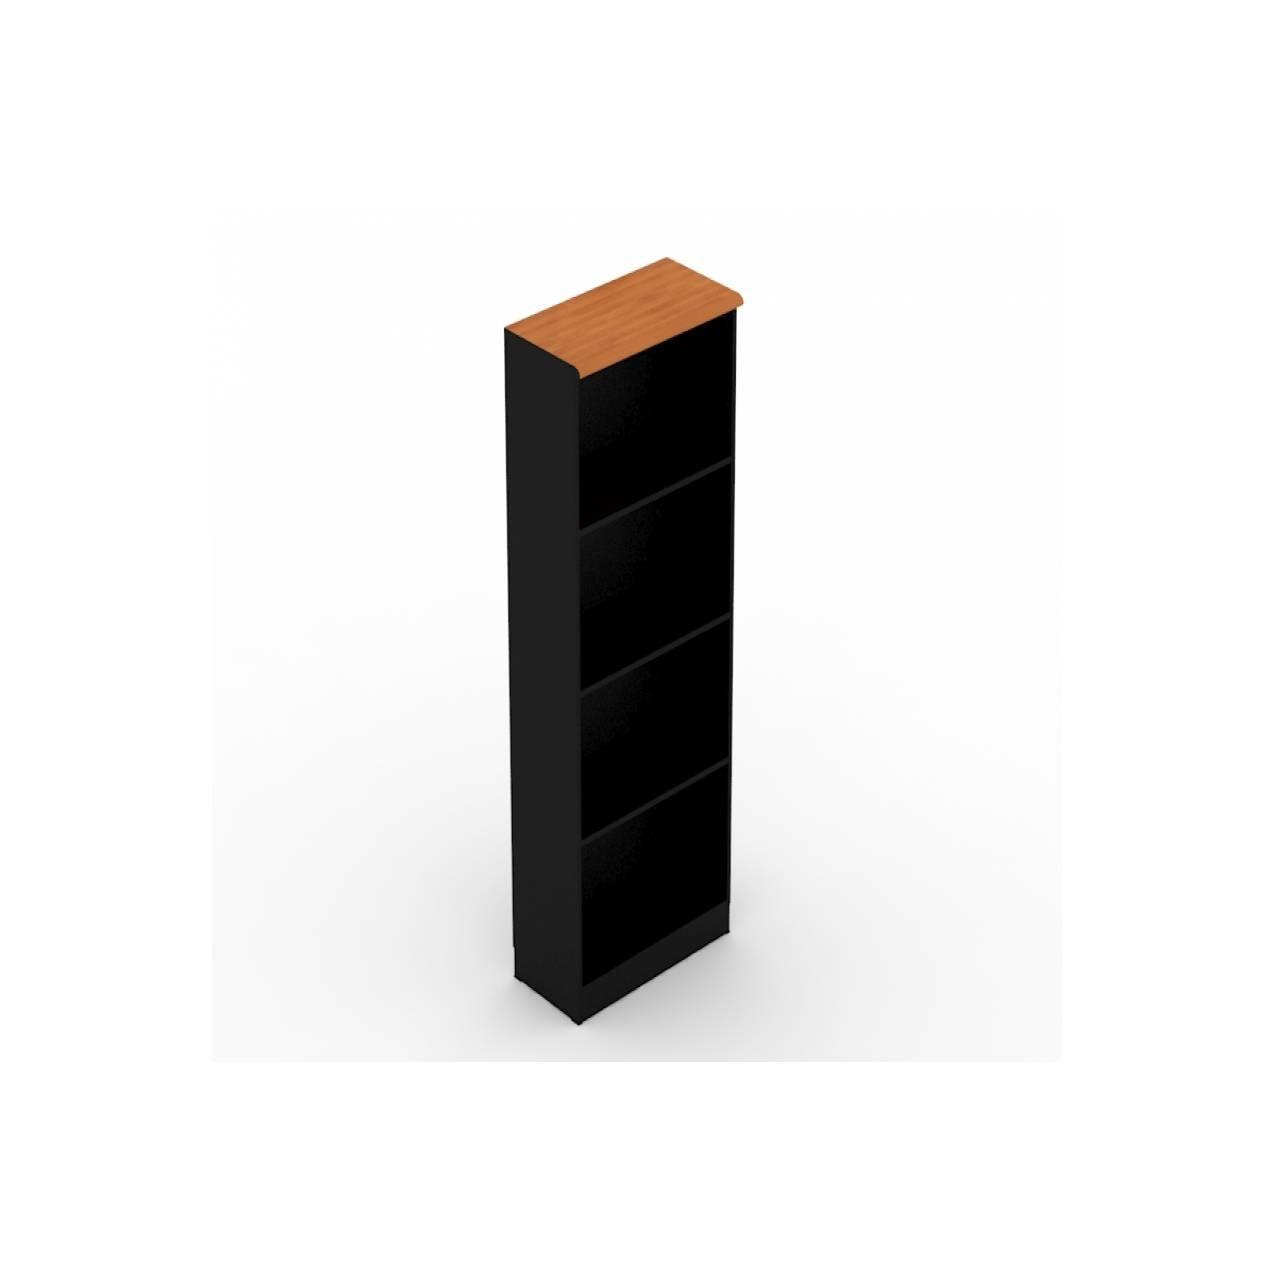 Lemari arsip kantor kayu tinggi rumah filling murah UNO UST 4554B